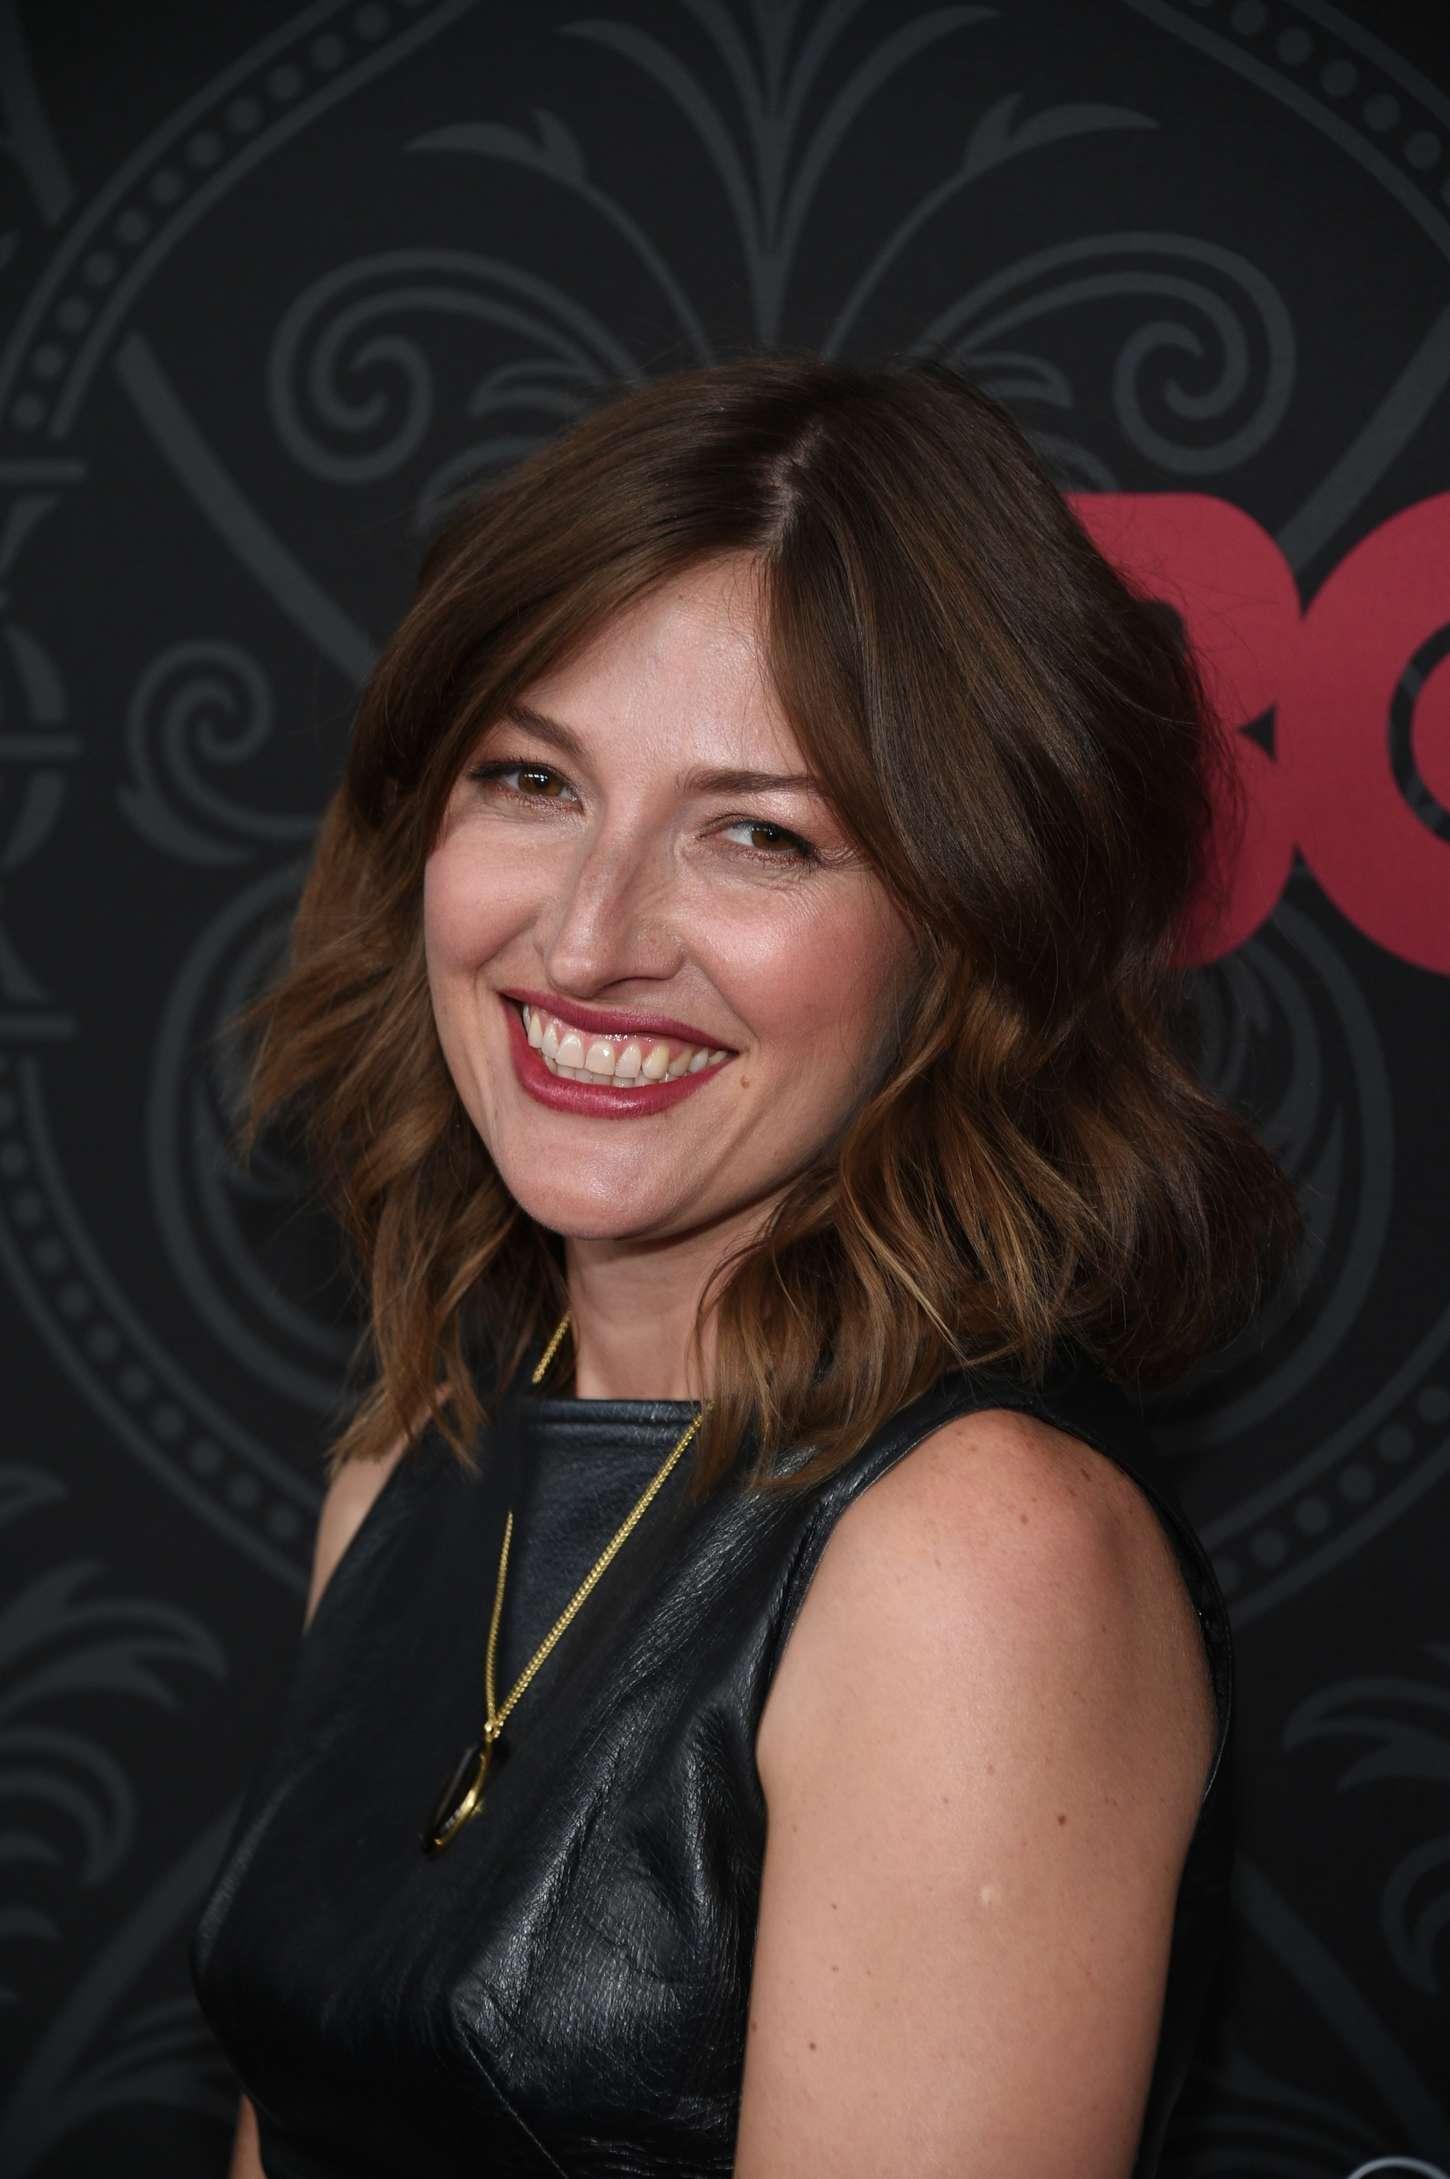 Kelly Macdonald Boardwalk Empire Season Premiere in New York